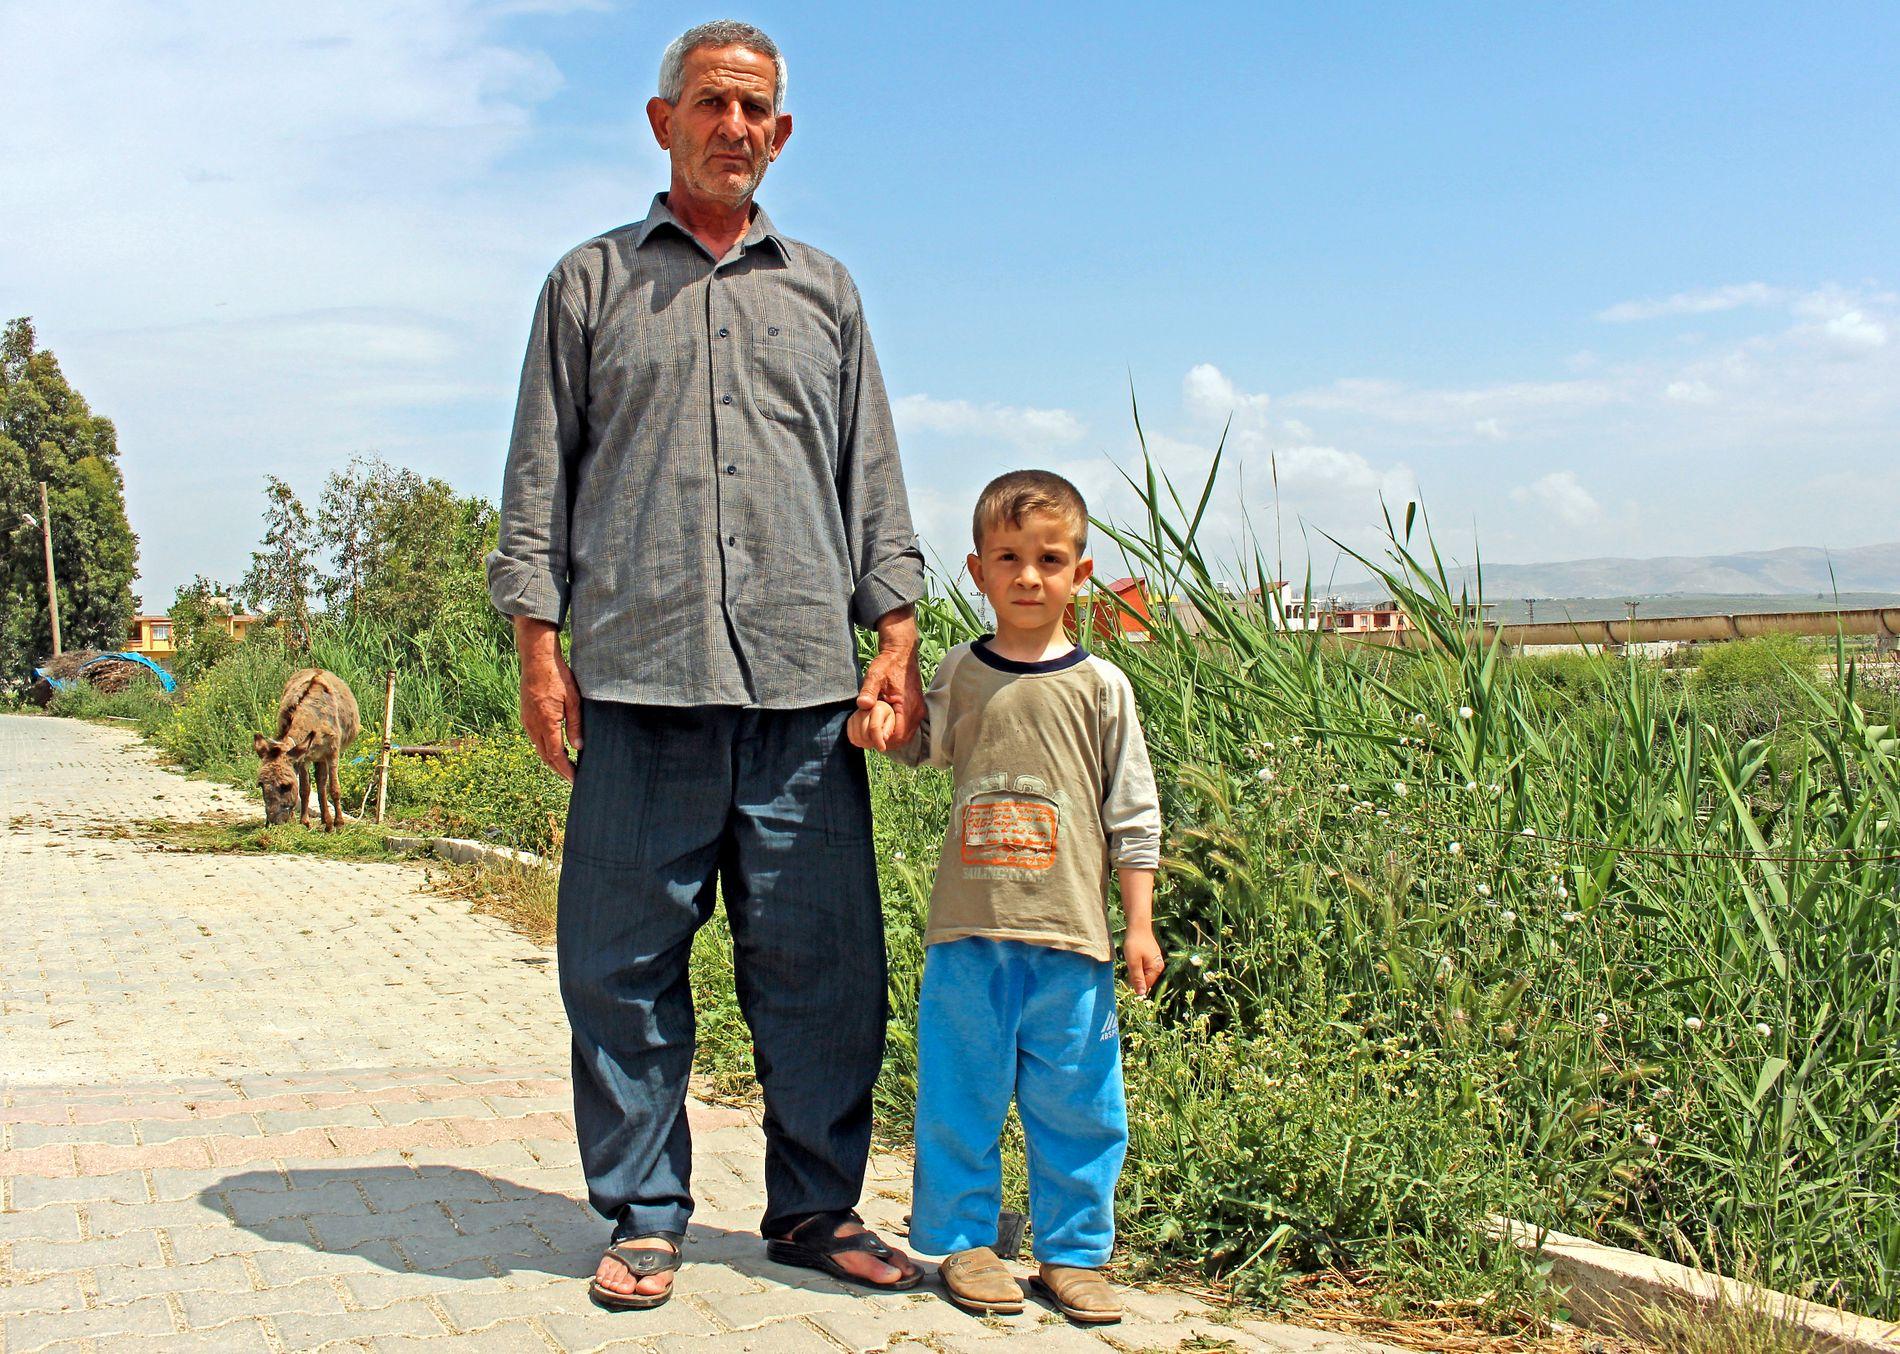 NÆR GRENSEN: Hasan Halaweh (57) overlevde gassangrepet. Sønnen Husein (5) våknet til live etter først å ha blitt antatt omkommet, mens datteren Maram (9) døde. Kona Ramsa (50) er fortsatt livstruende syk.